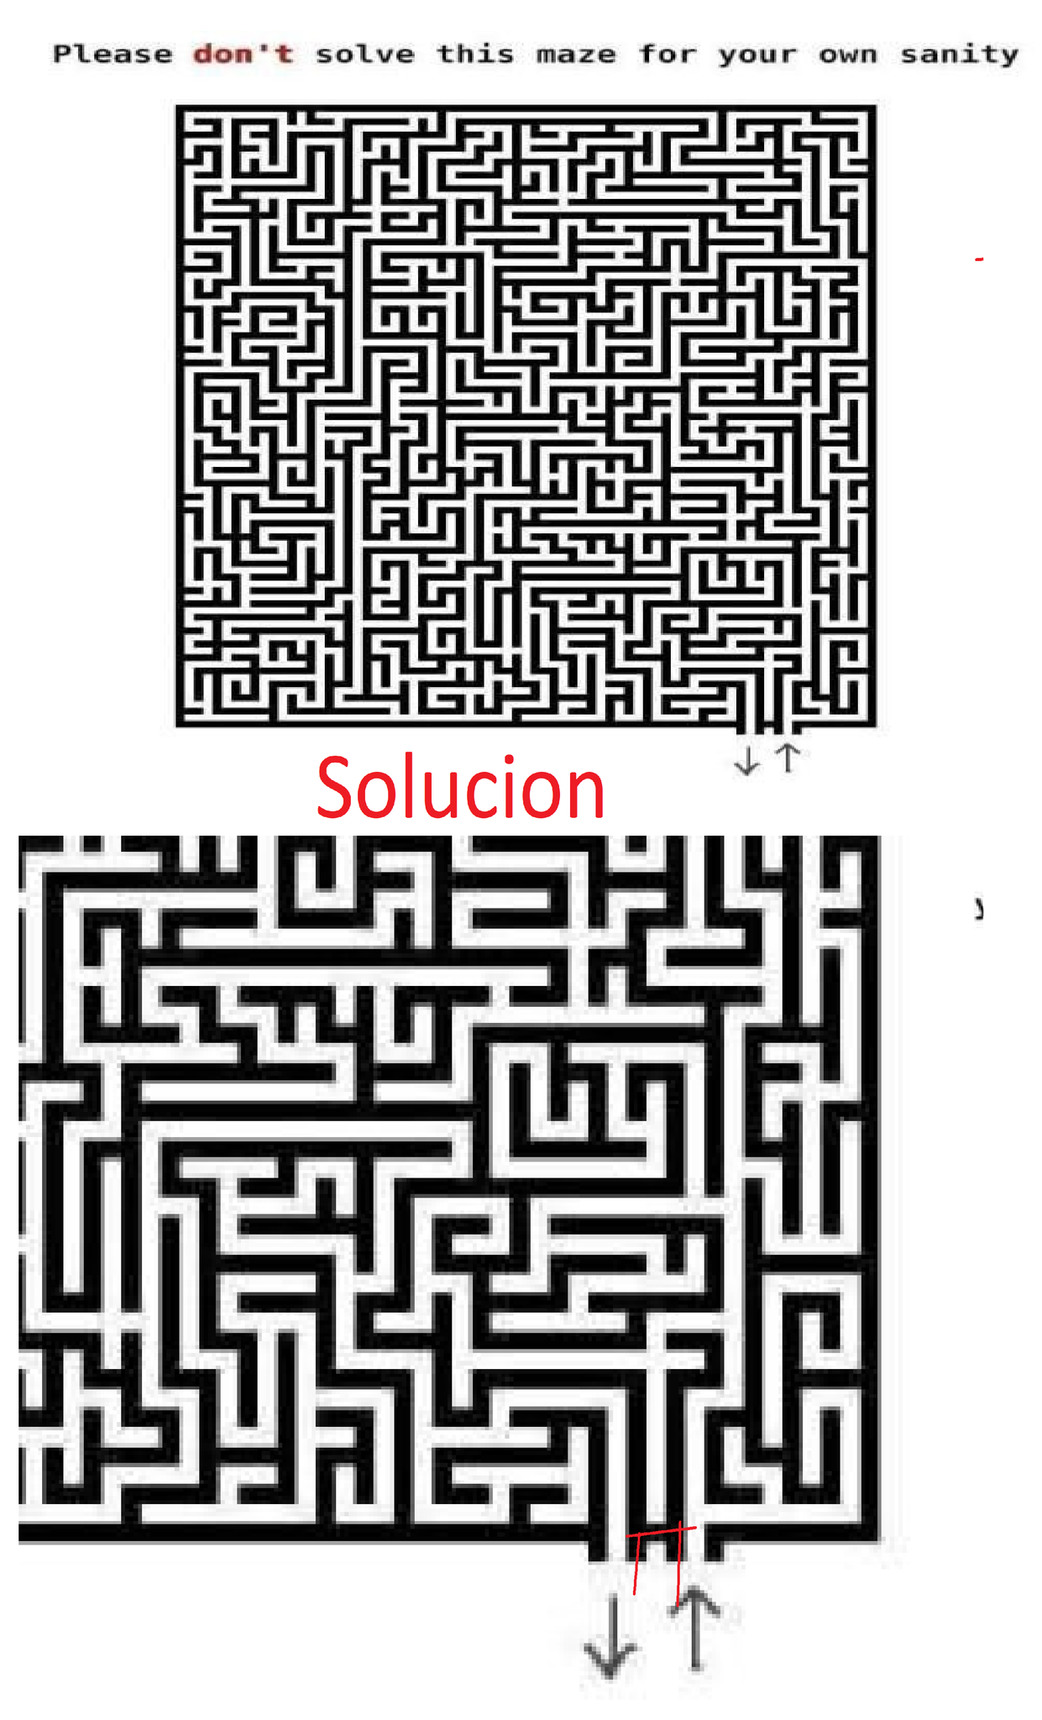 Casi me quedo ciego tratando de resolverlo literalmente - meme